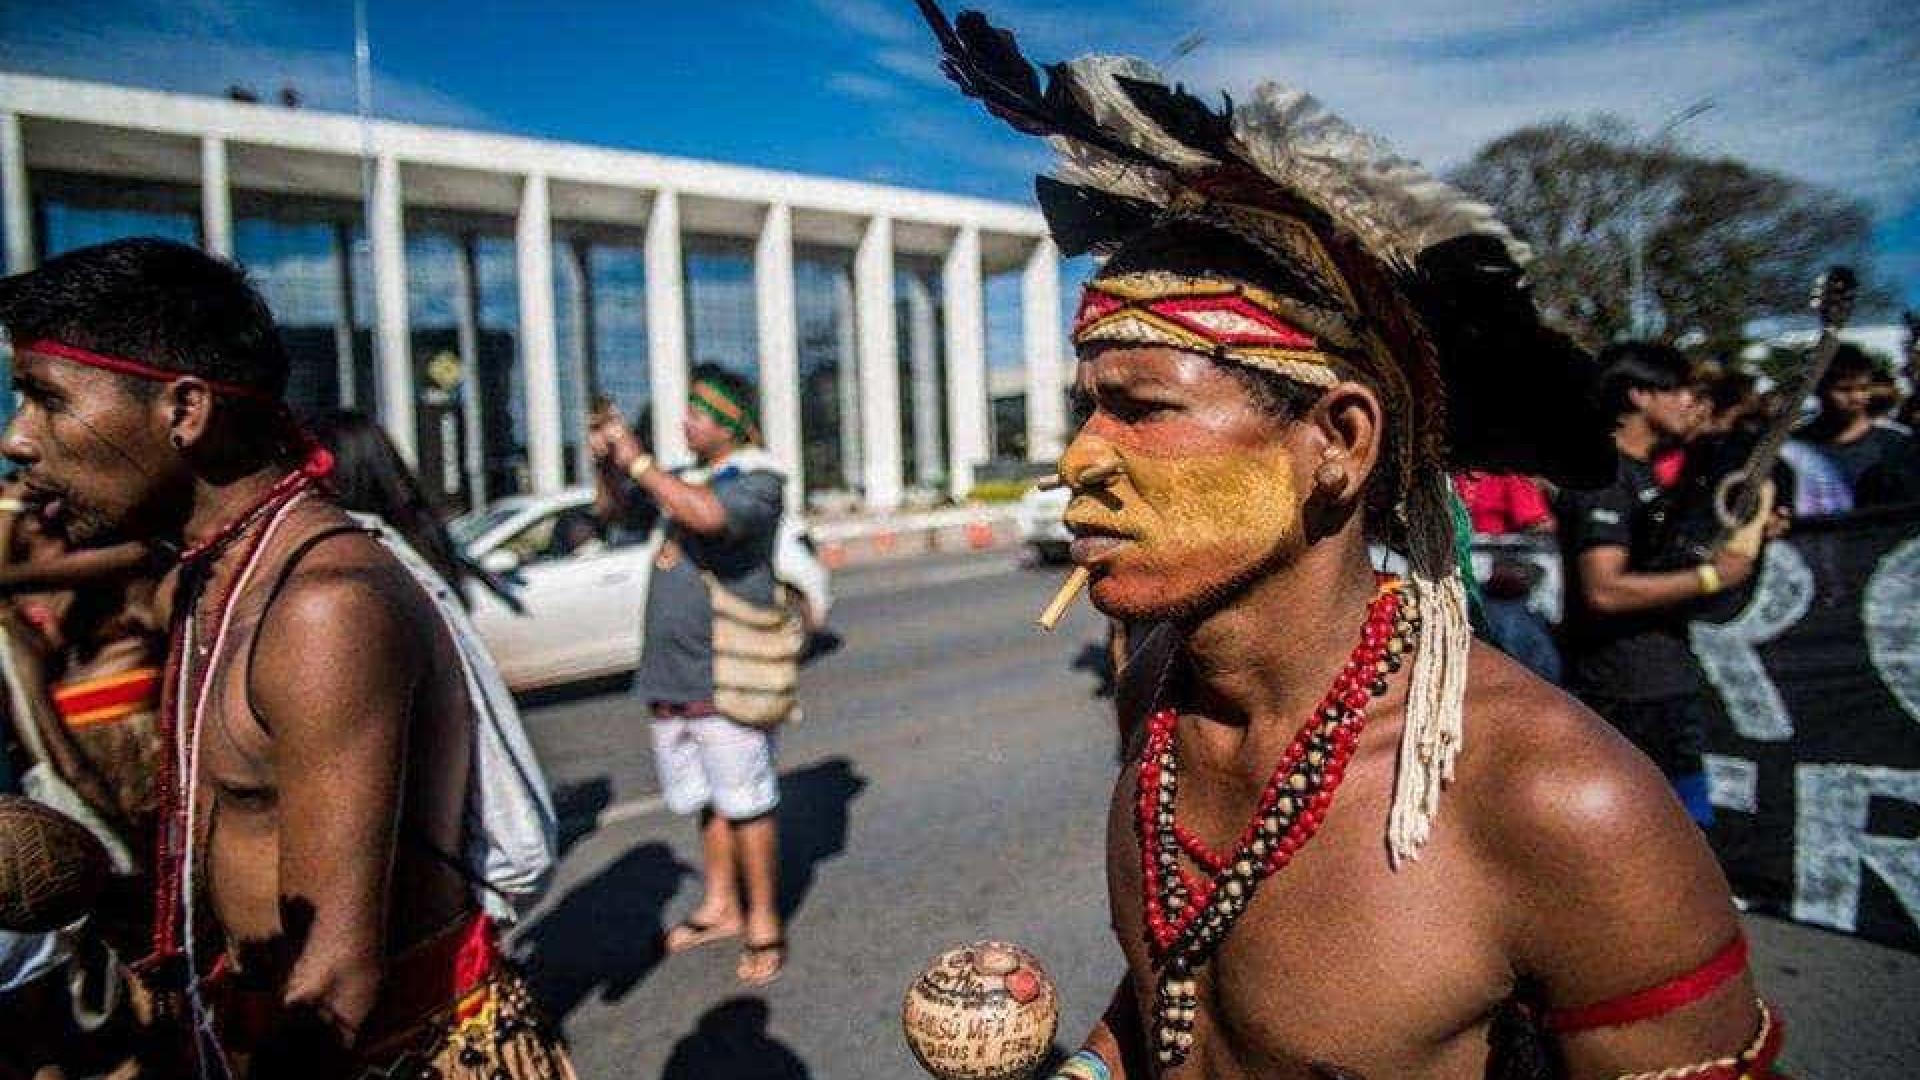 Coordenador da Funai emite 'certificados de caciques' e gera revolta